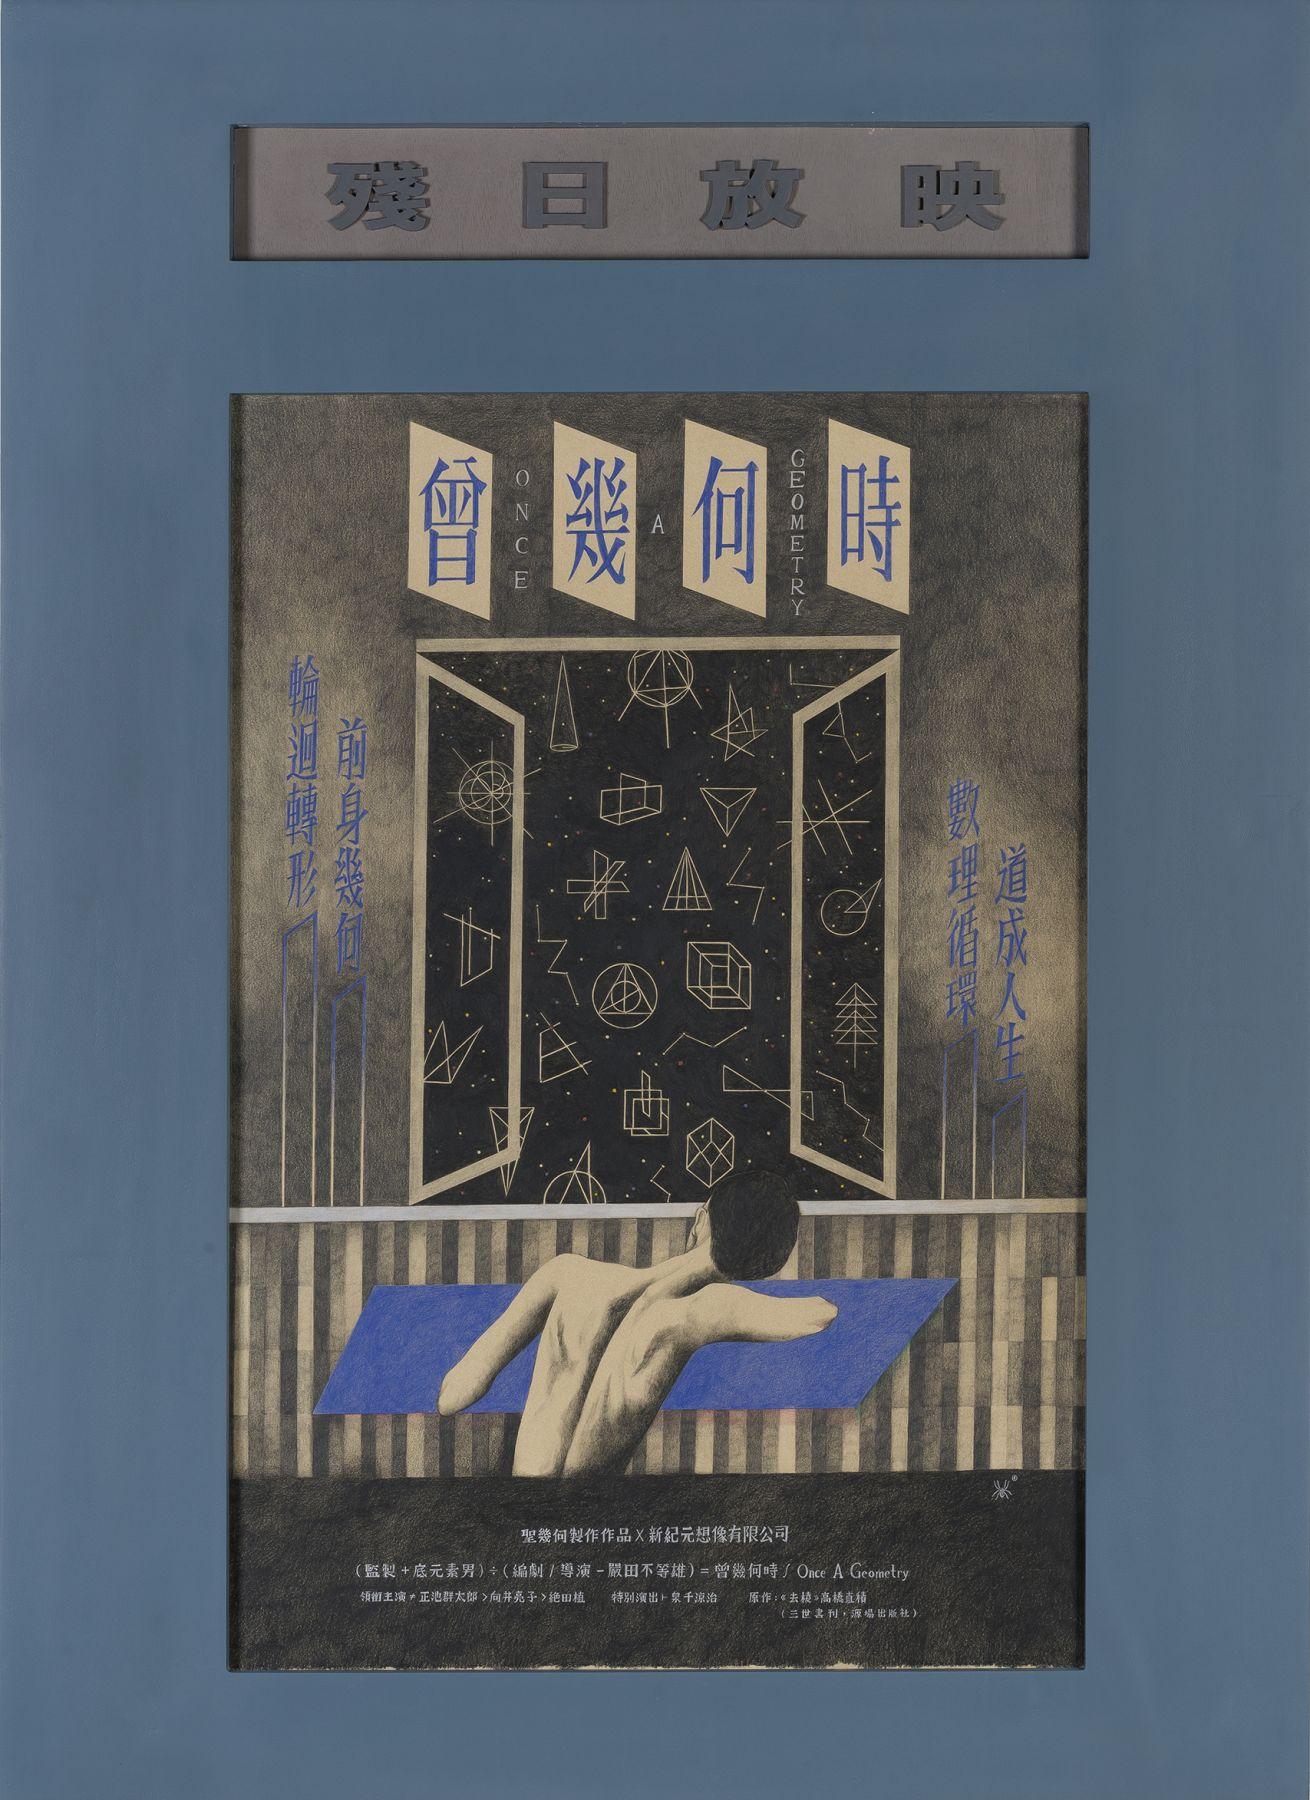 Ho Sintung 何倩彤 (b. 1986), Once a Geometry 曾几何时